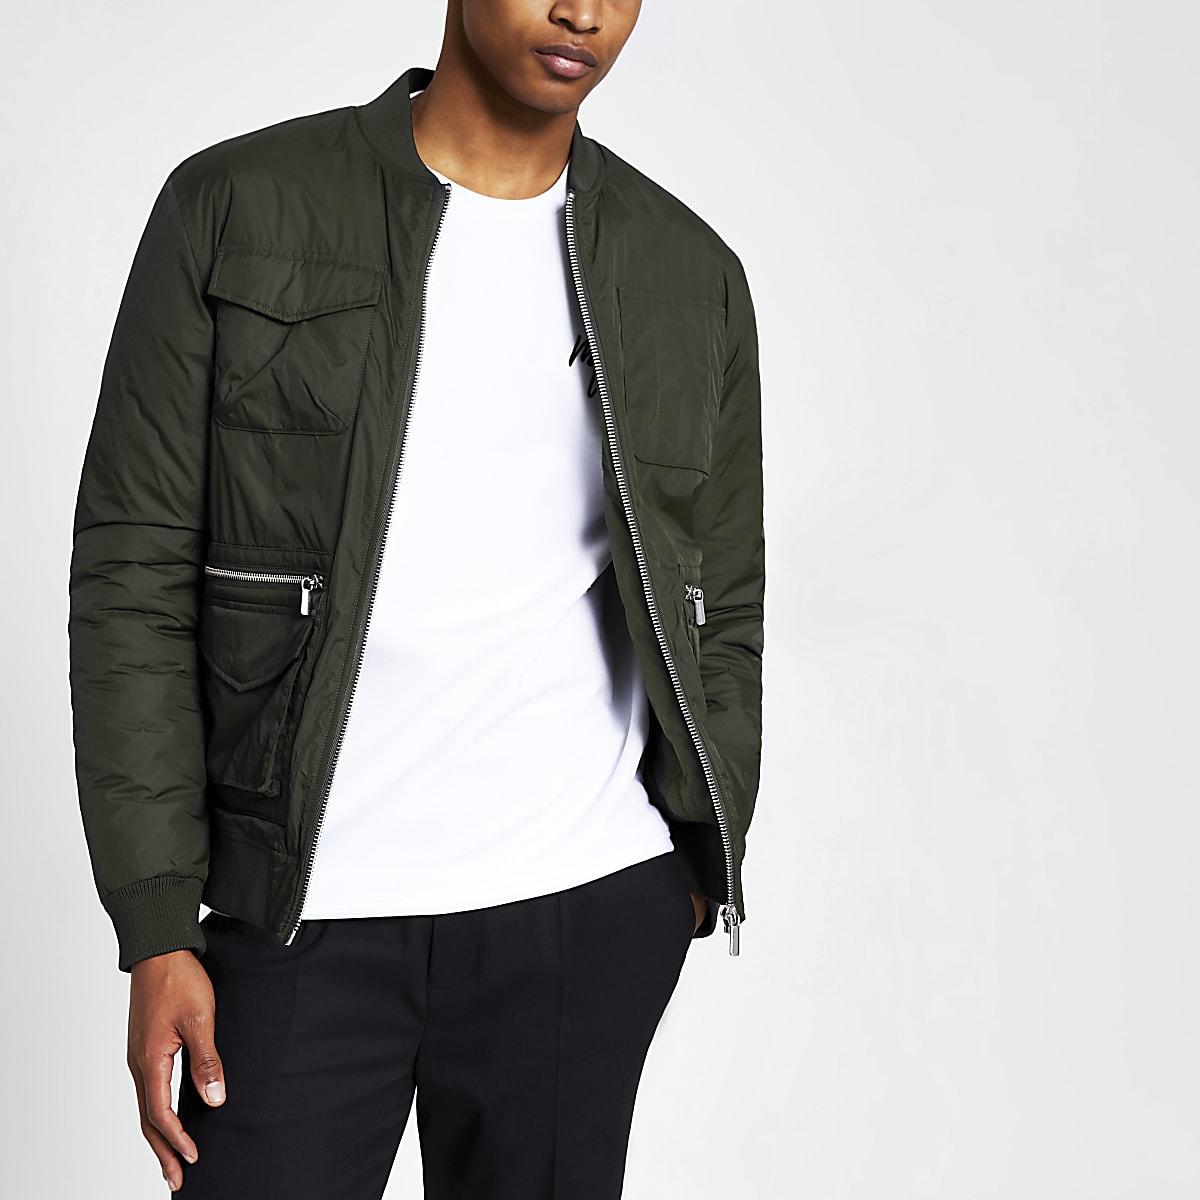 Khaki utility bomber jacket